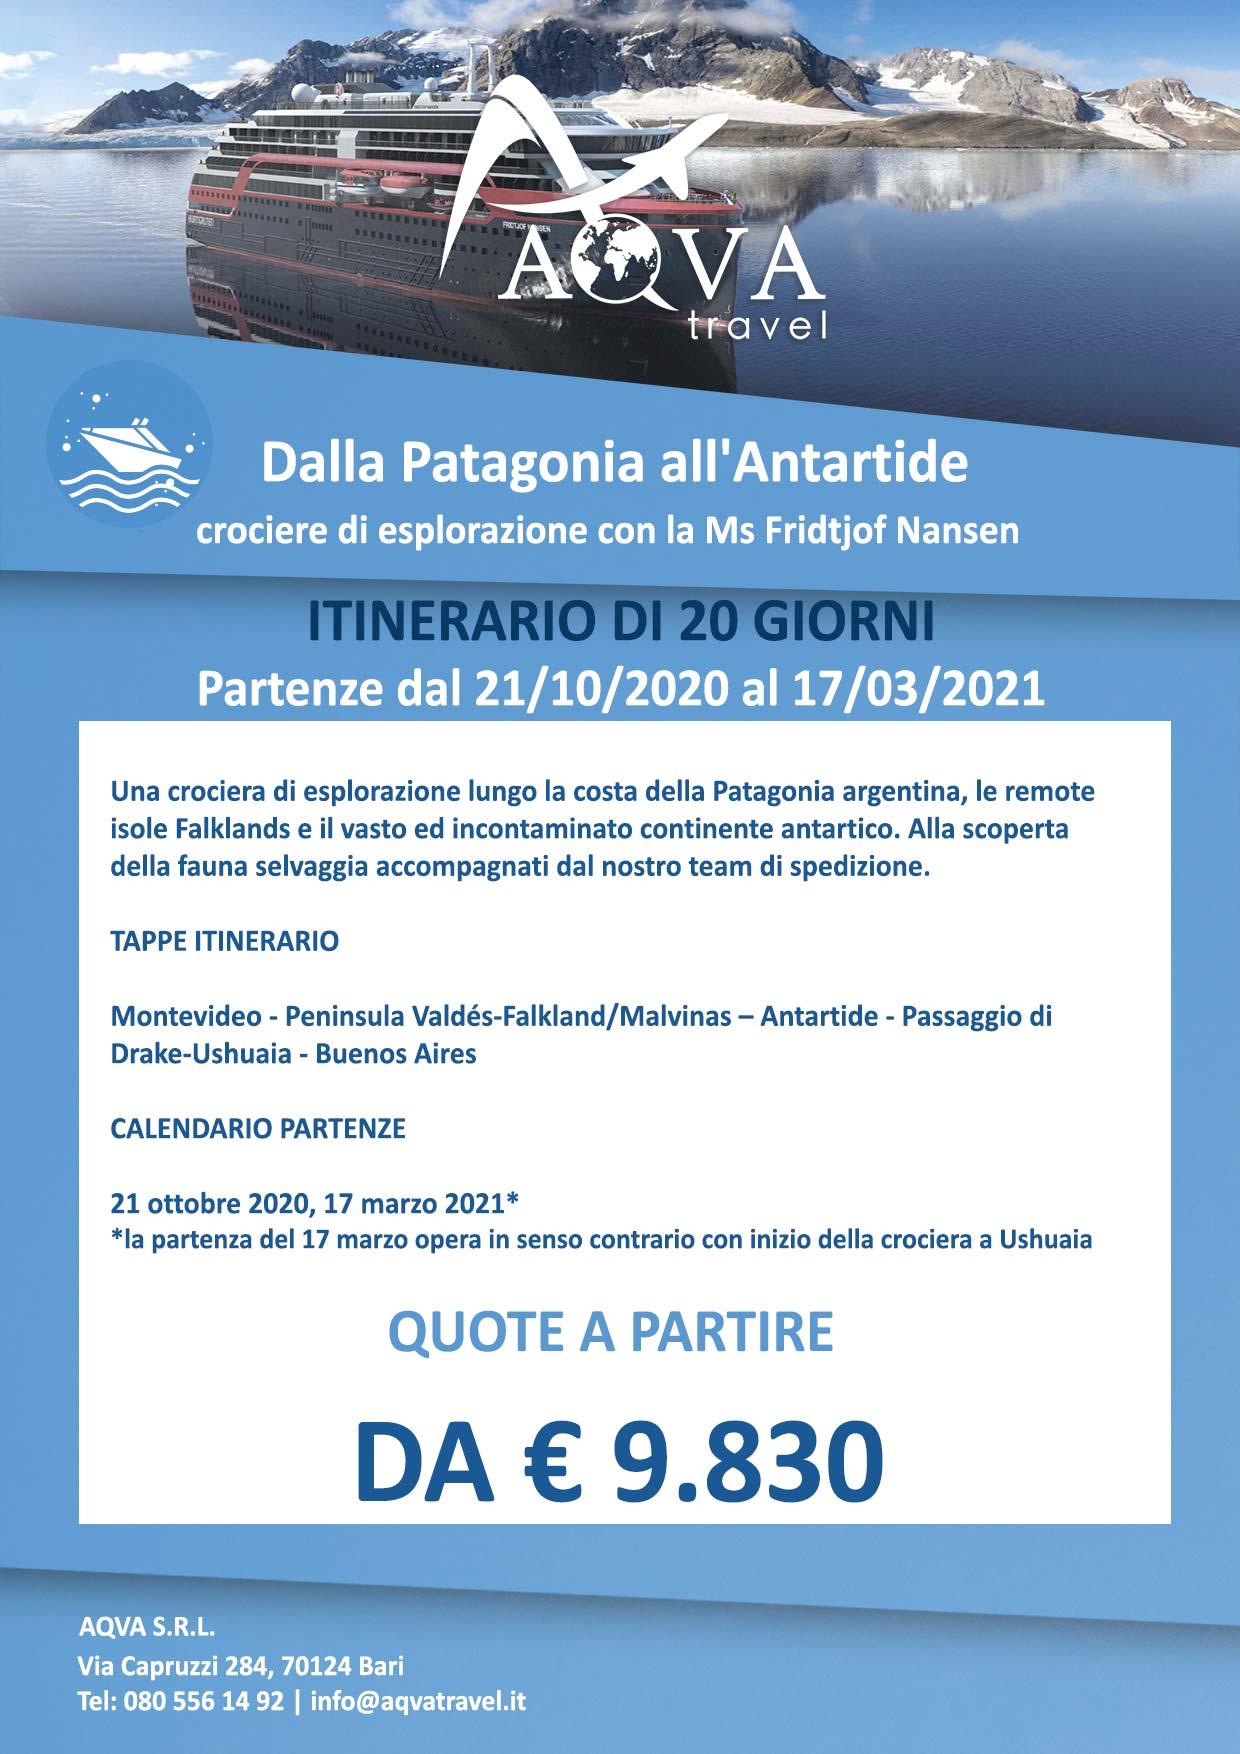 Dalla-Patagonia-all'Antartide-Crociera-offerte-agenzia-di-viaggi-Bari-AQVATRAVEL-it